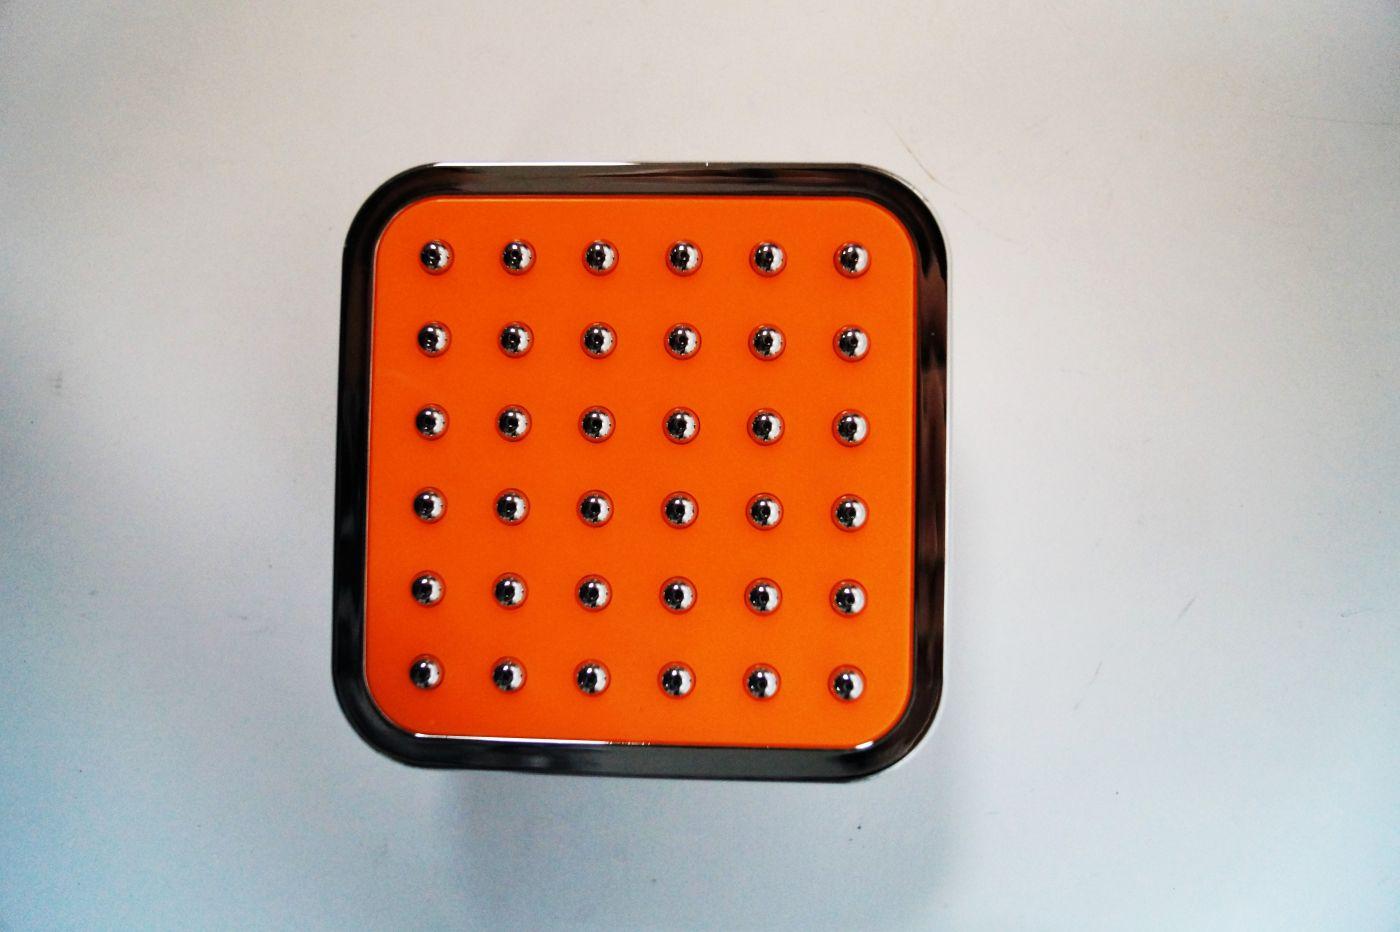 АА-114, Маленькая потолочная оранжевая лейка, с хром пупырышками